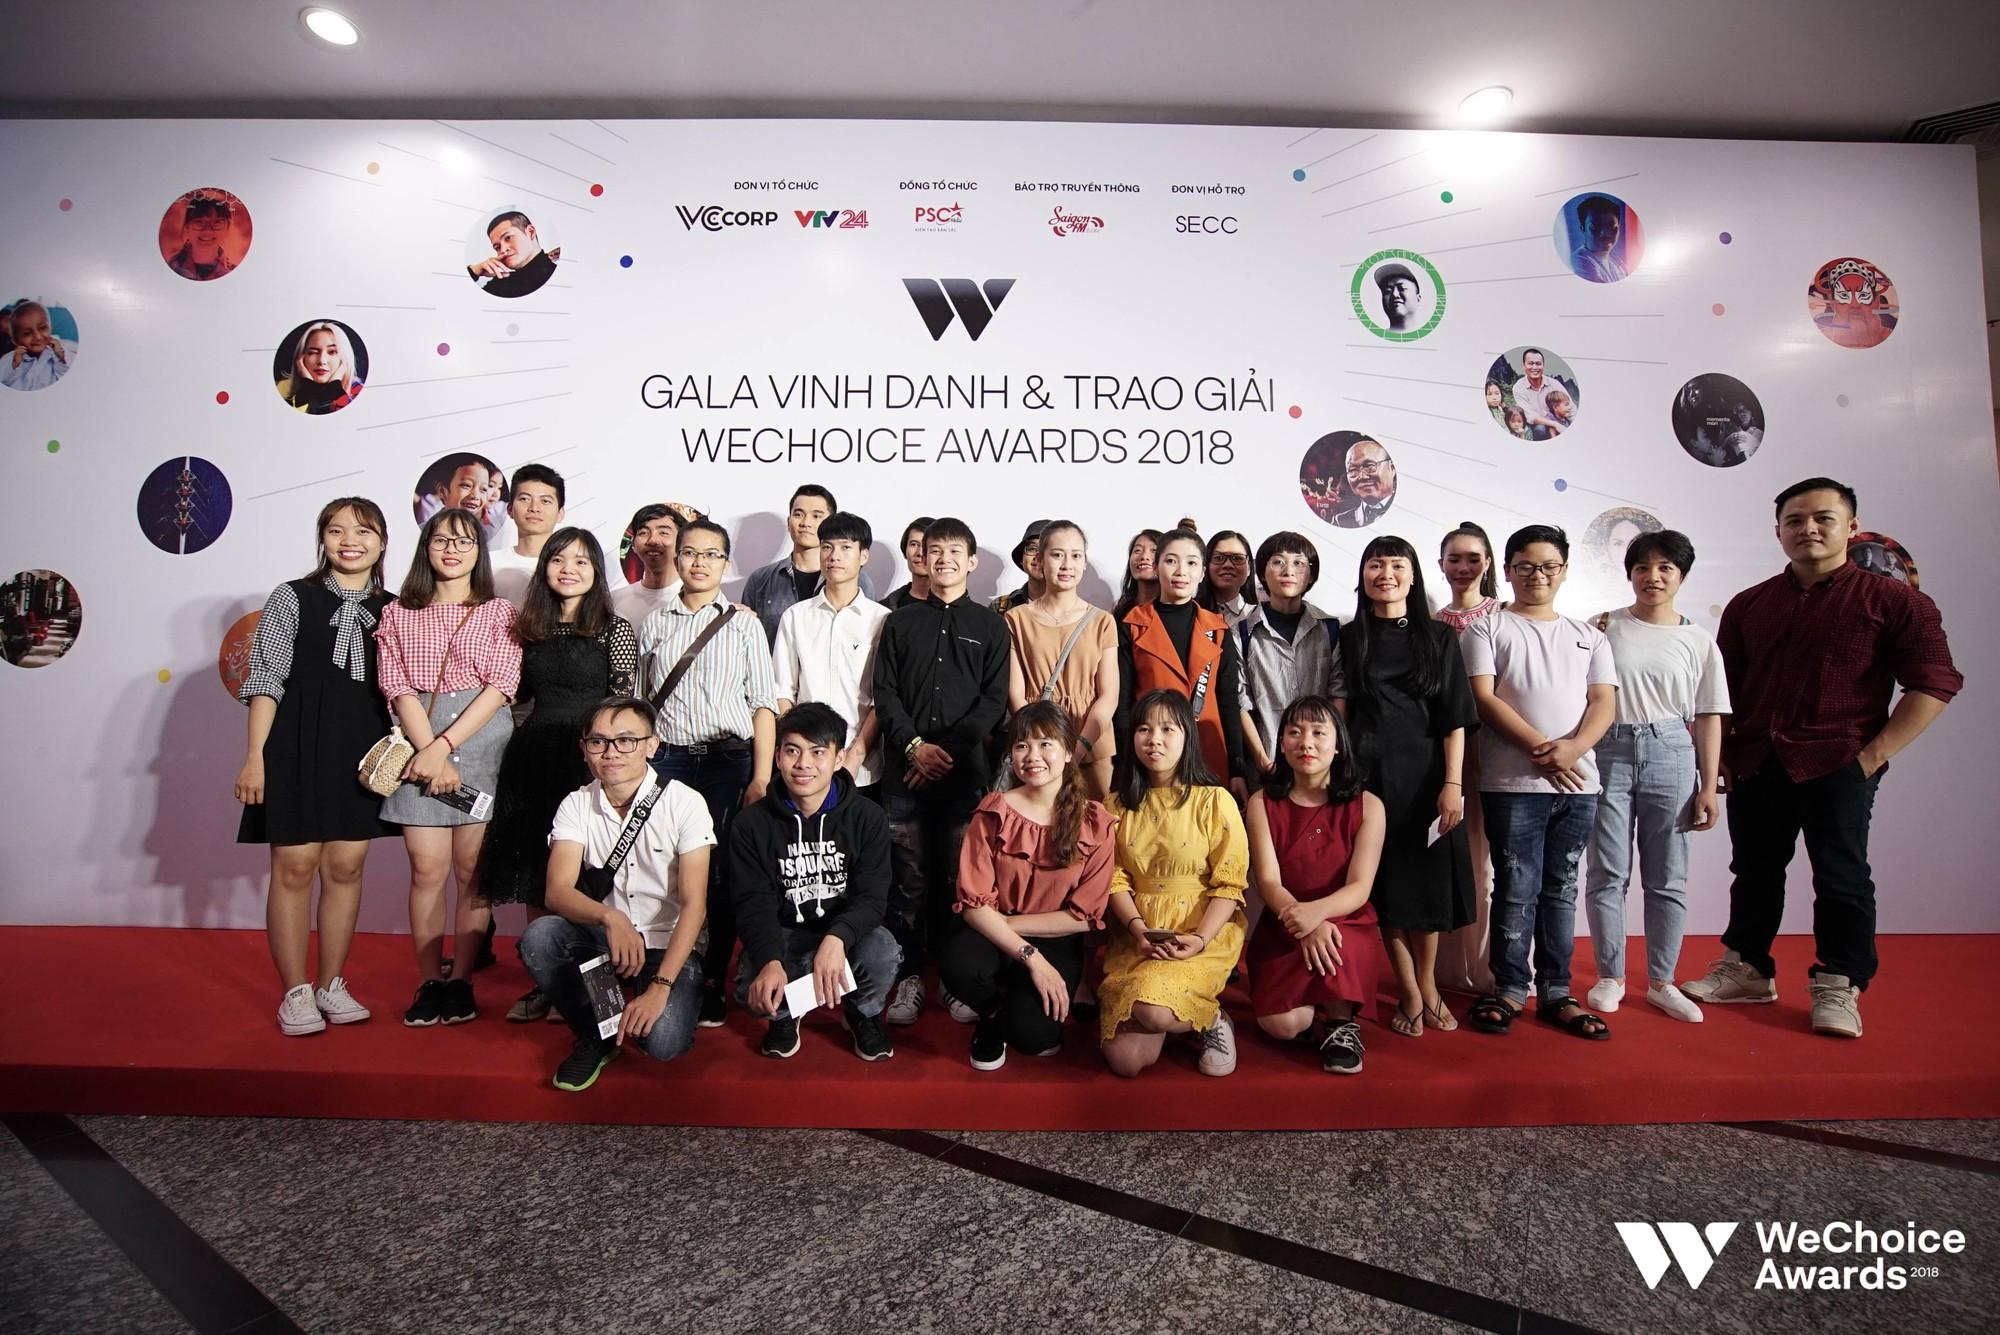 Phép màu xuất hiện sau đêm Gala WeChoice Awards 2018: Những cuộc gọi đăng ký hiến tạng, những nhà hảo tâm hẹn nhau xây trường! - Ảnh 13.